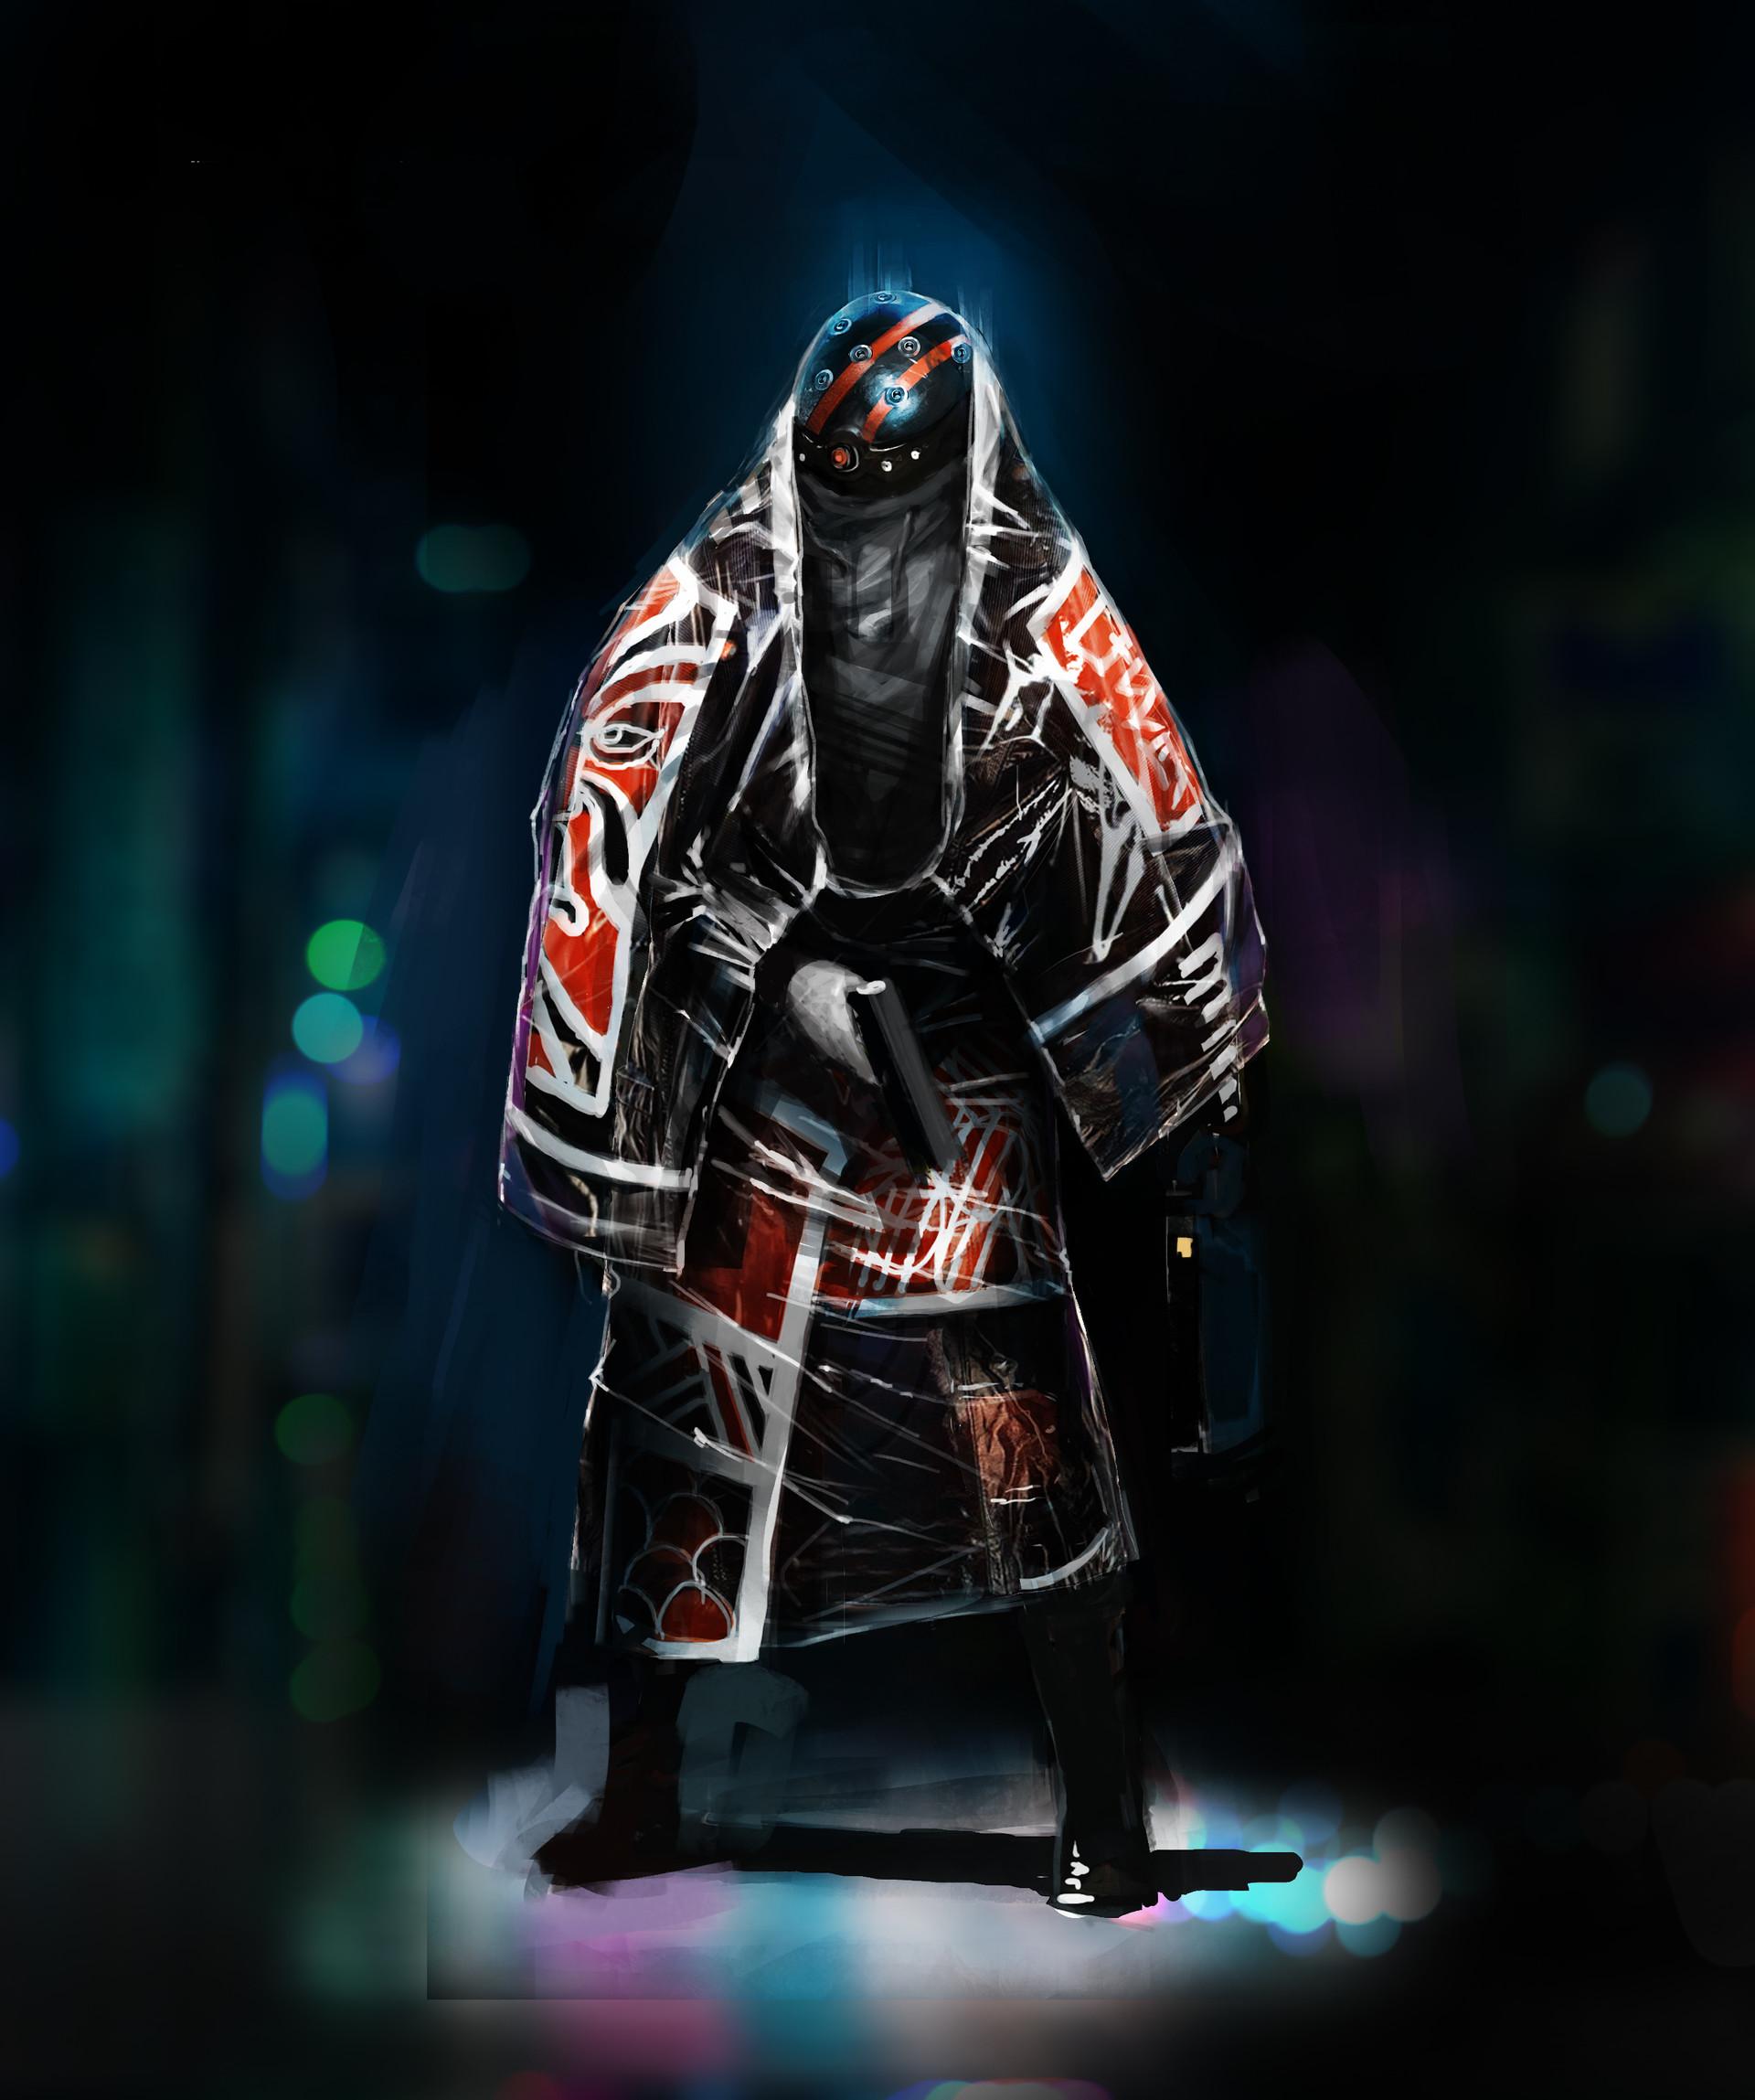 Pierre raveneau cyberpunk silhouette1